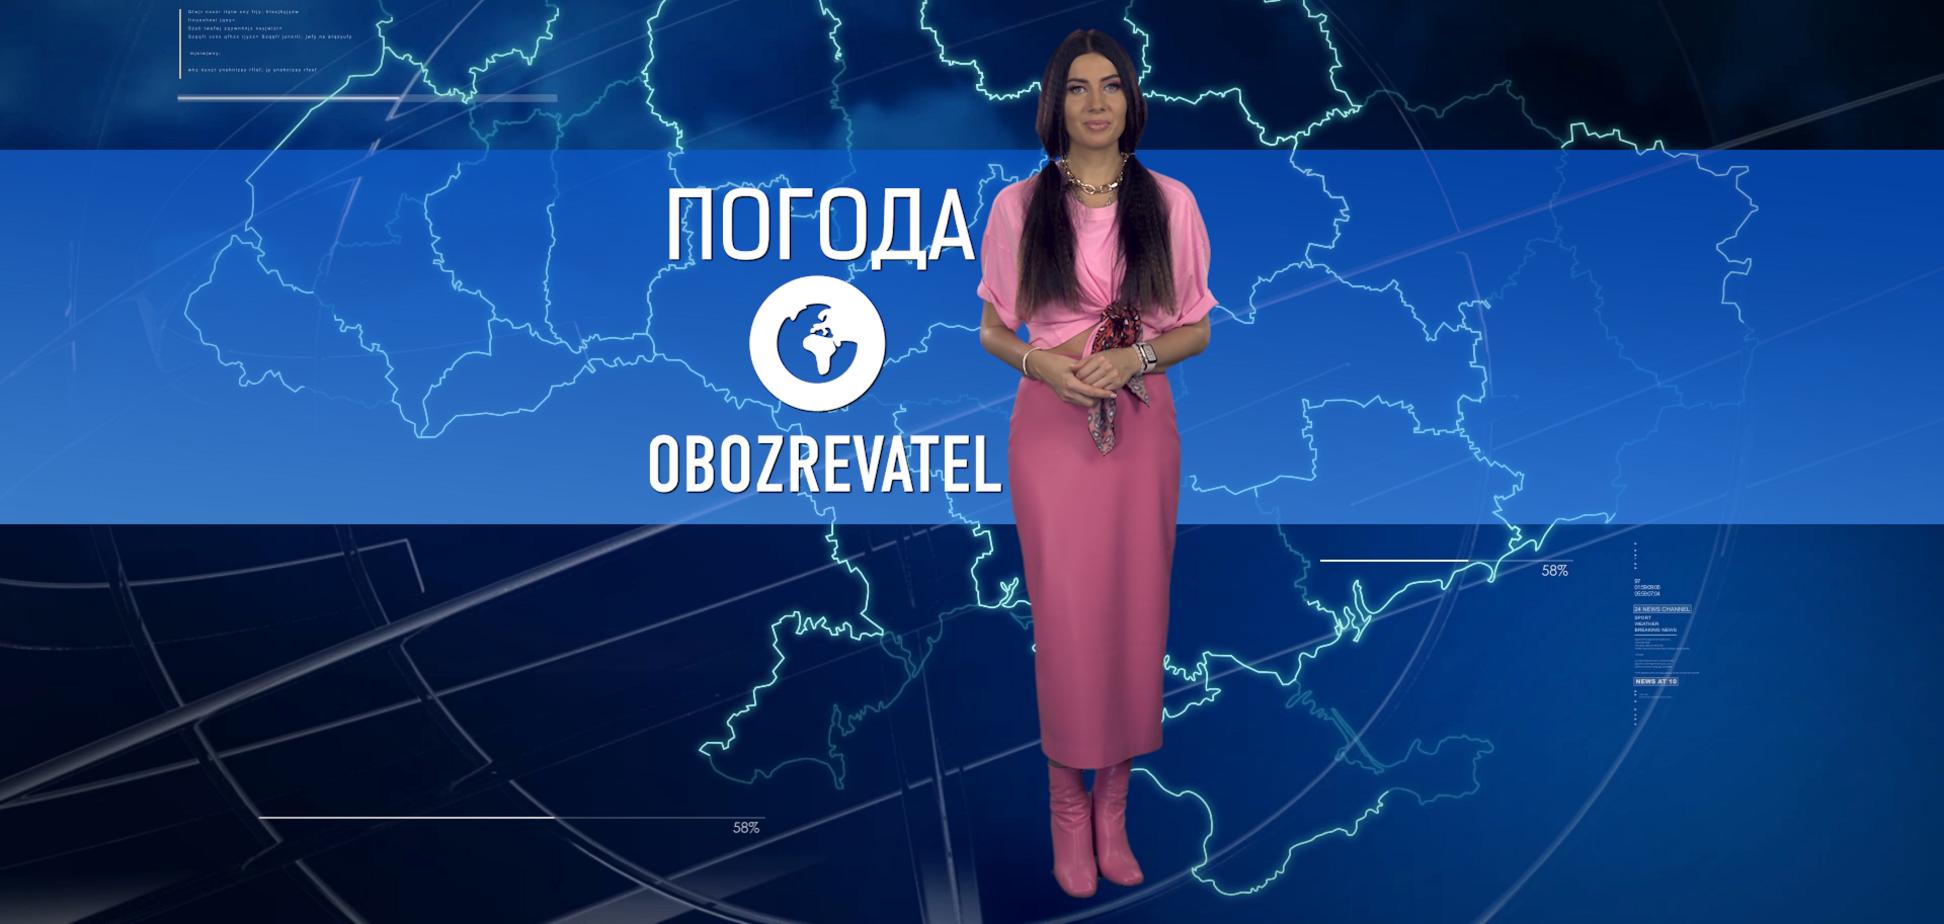 Прогноз погоди в Україні на суботу 6 березня з Алісою Мярковською